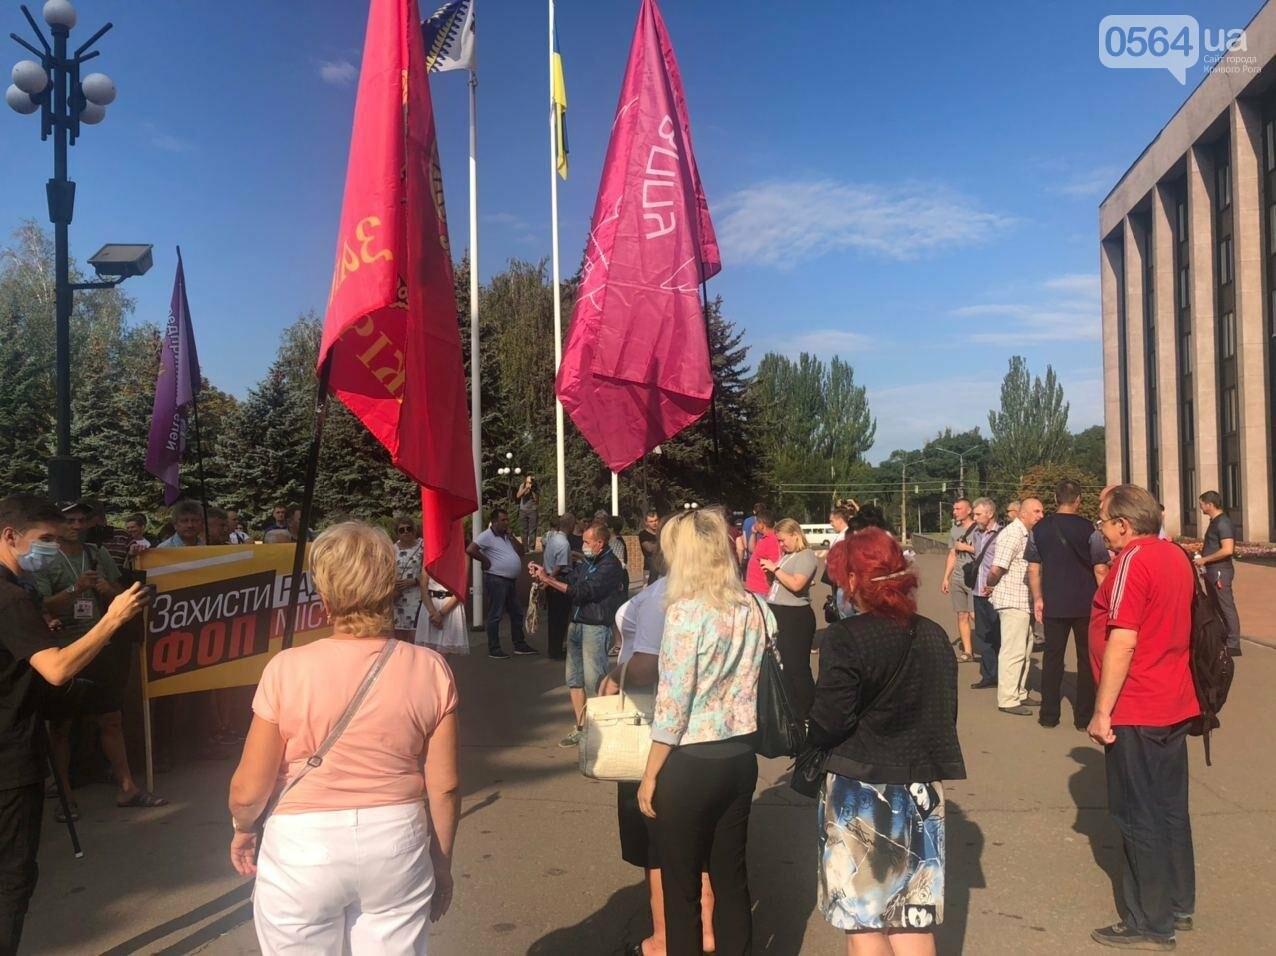 Криворожские предприниматели снова вышли на акцию, - ФОТО, фото-2